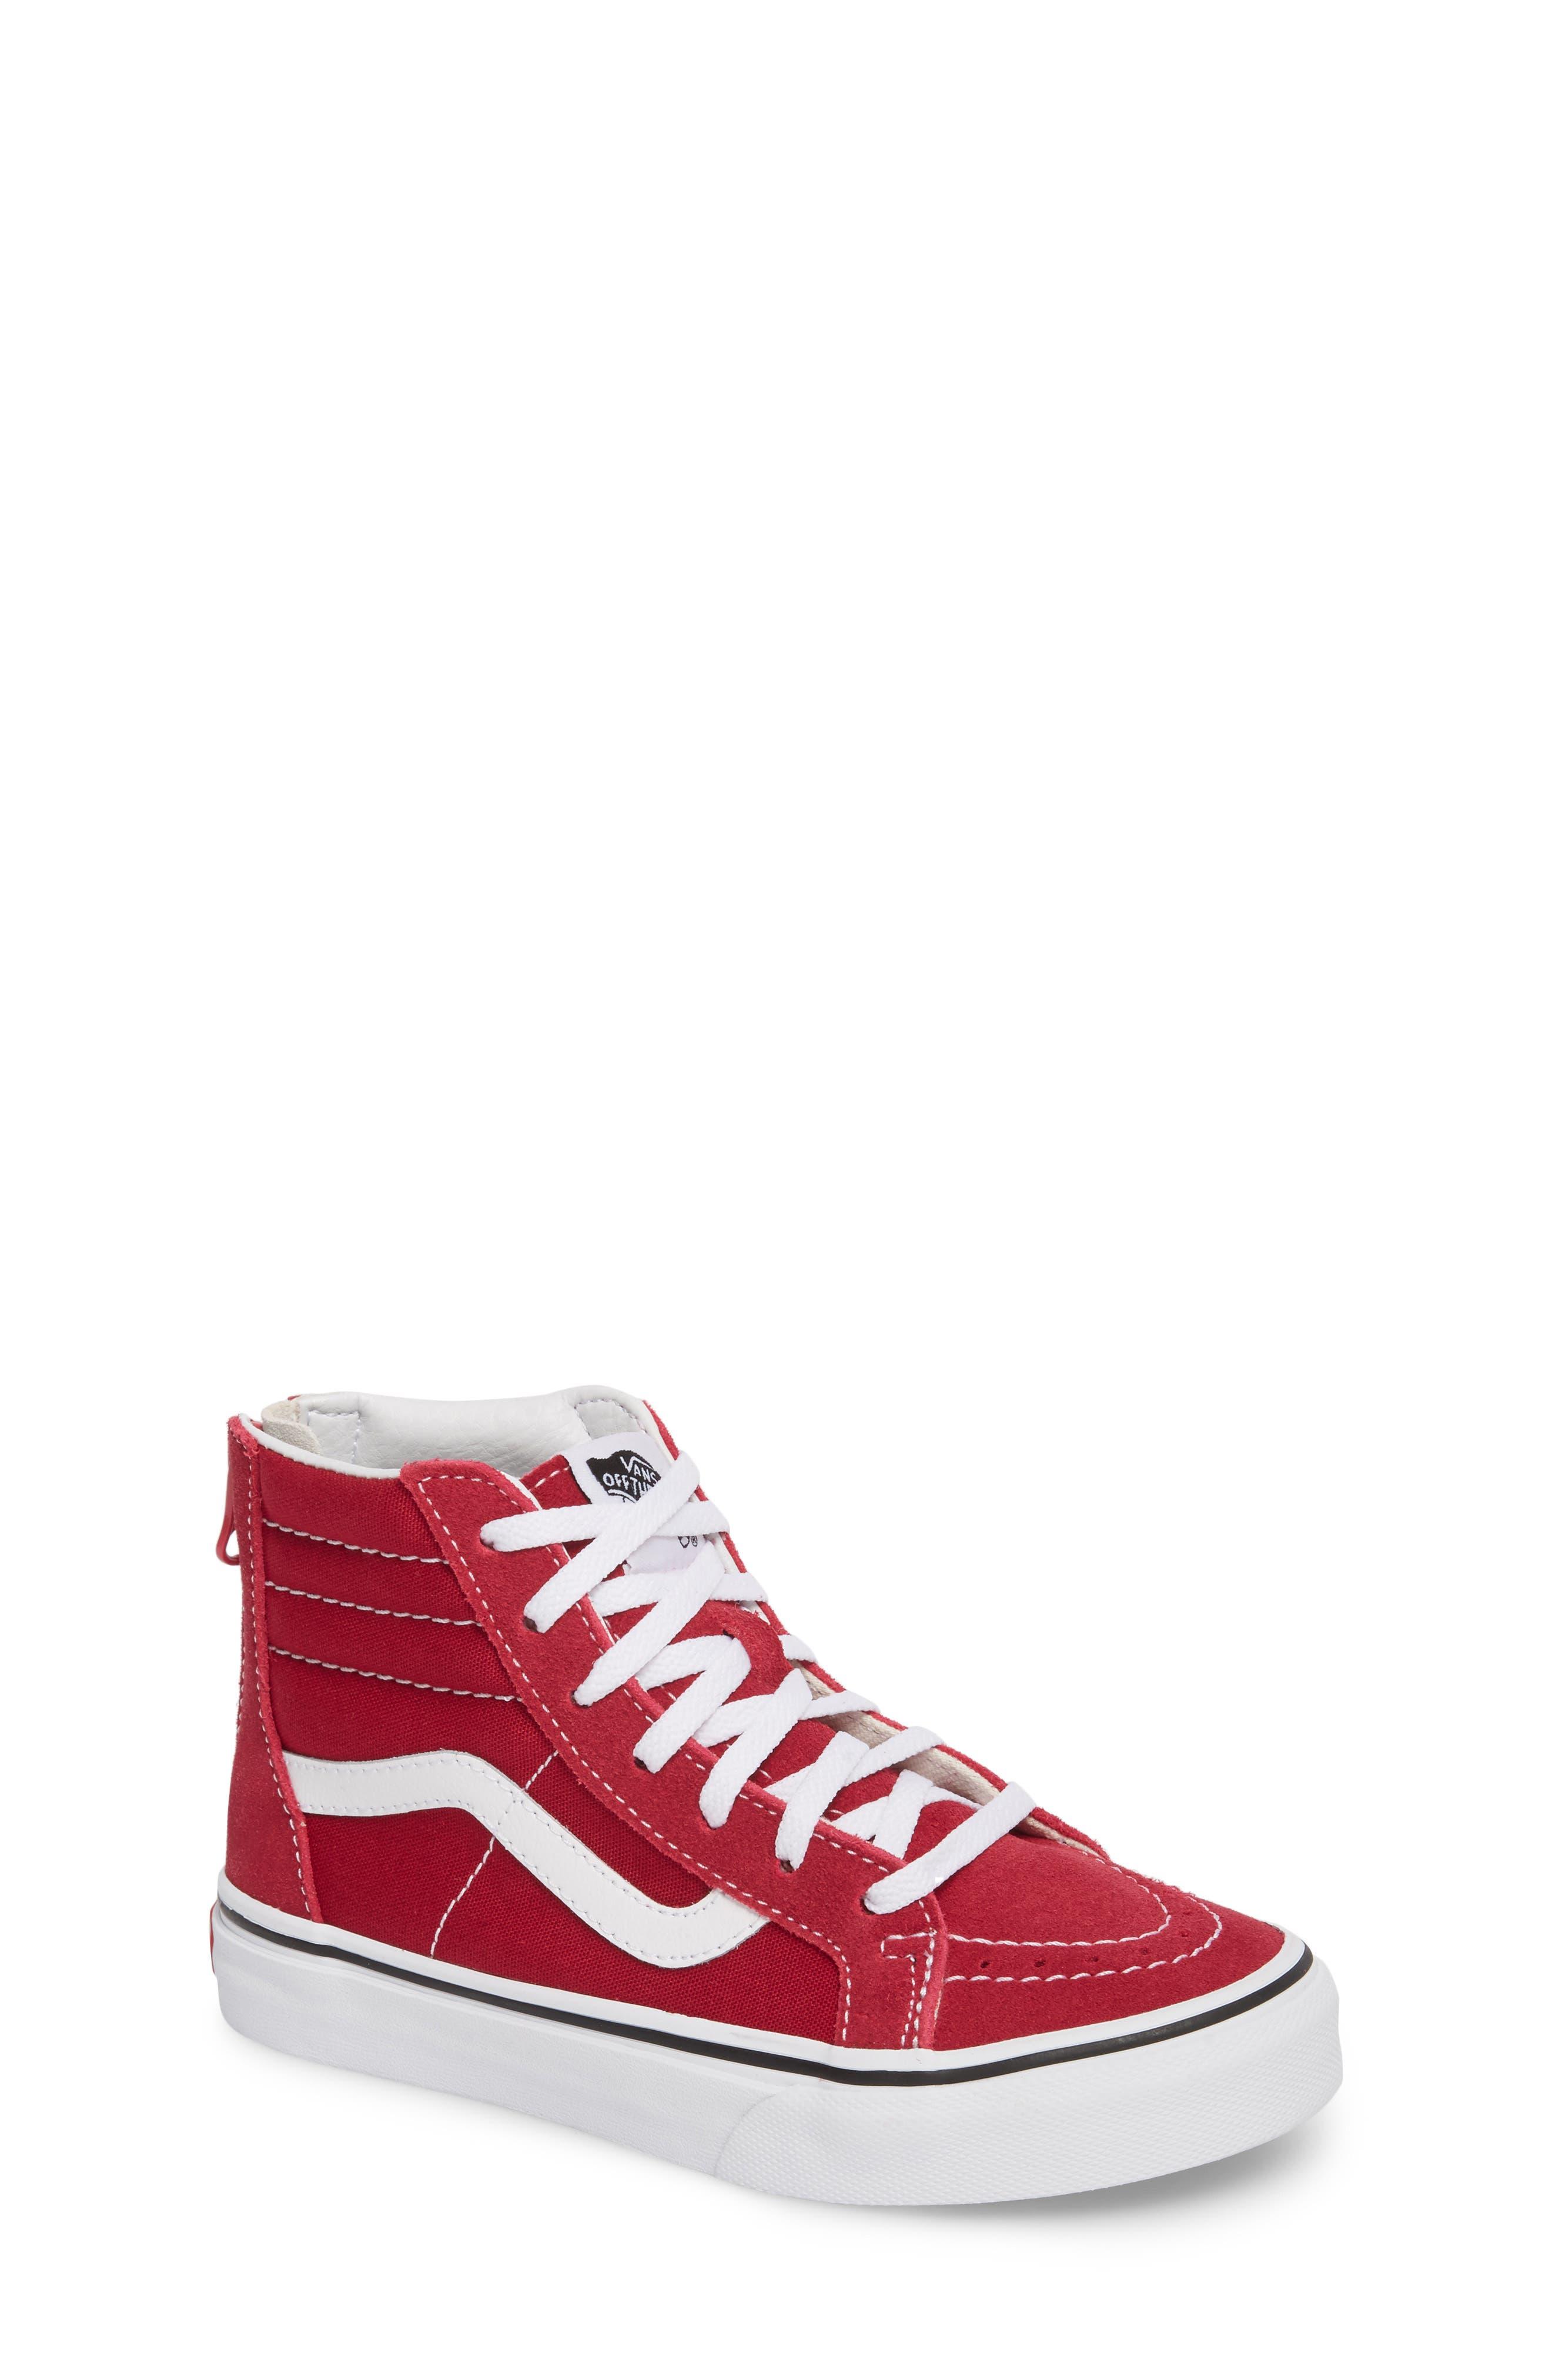 'Sk8-Hi' Zip Sneaker,                             Main thumbnail 1, color,                             611